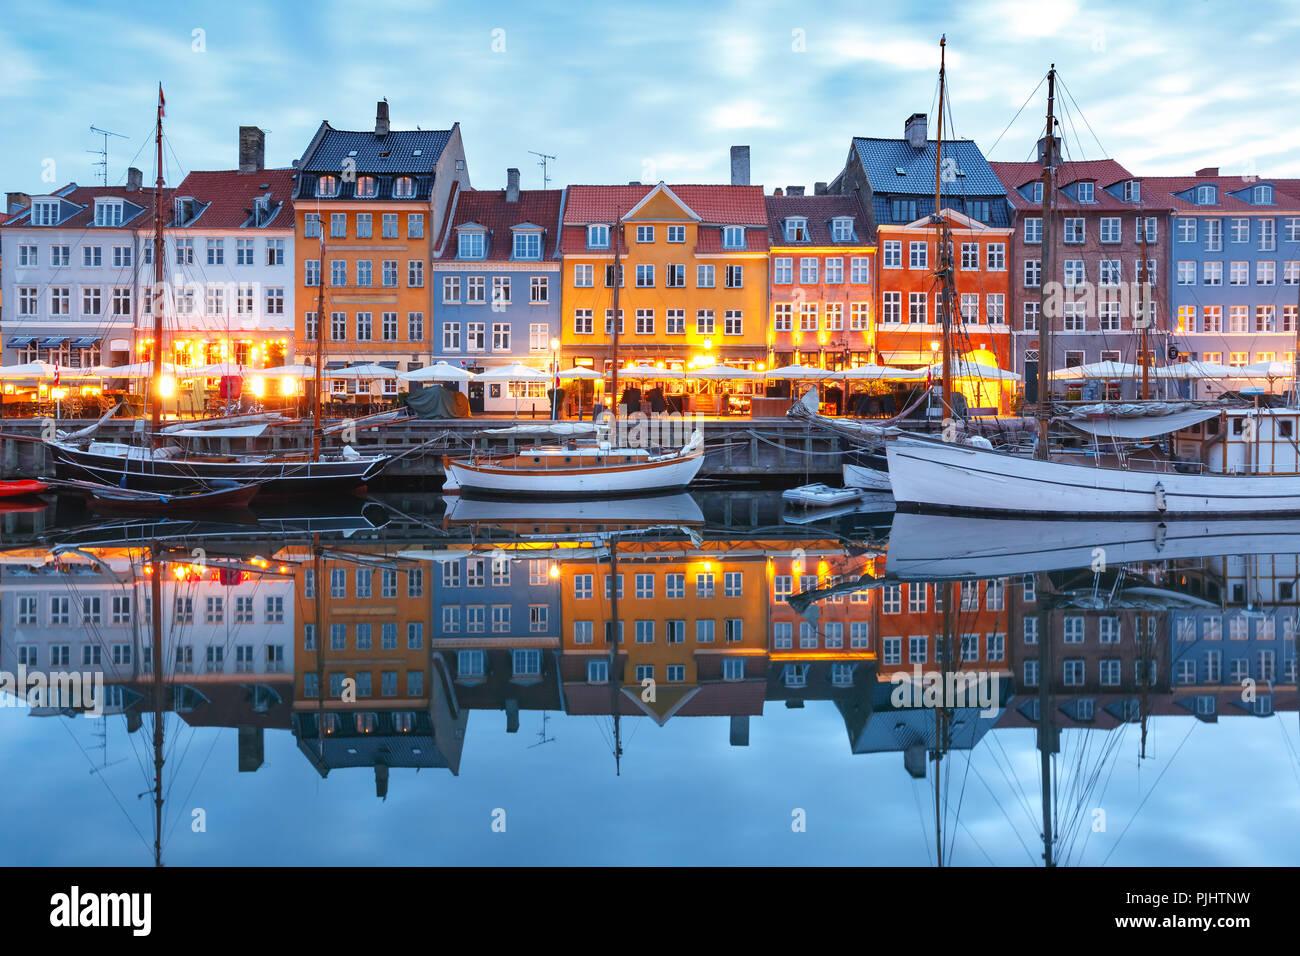 Panorama de Nyhavn en Copenhague, Dinamarca. Foto de stock